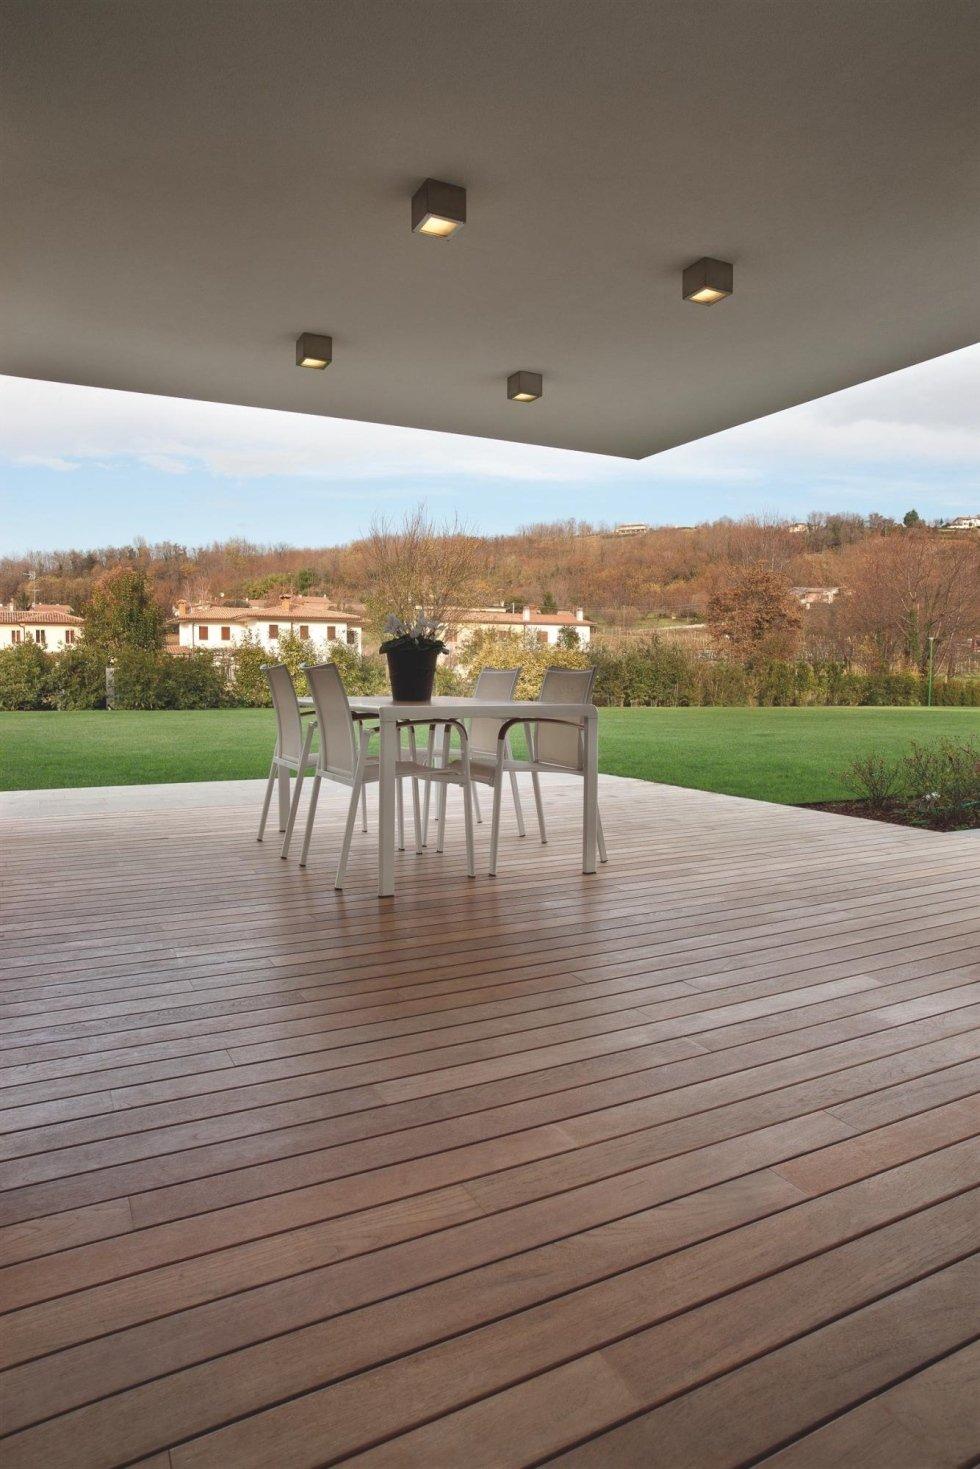 Intesa parquet - Garden wood